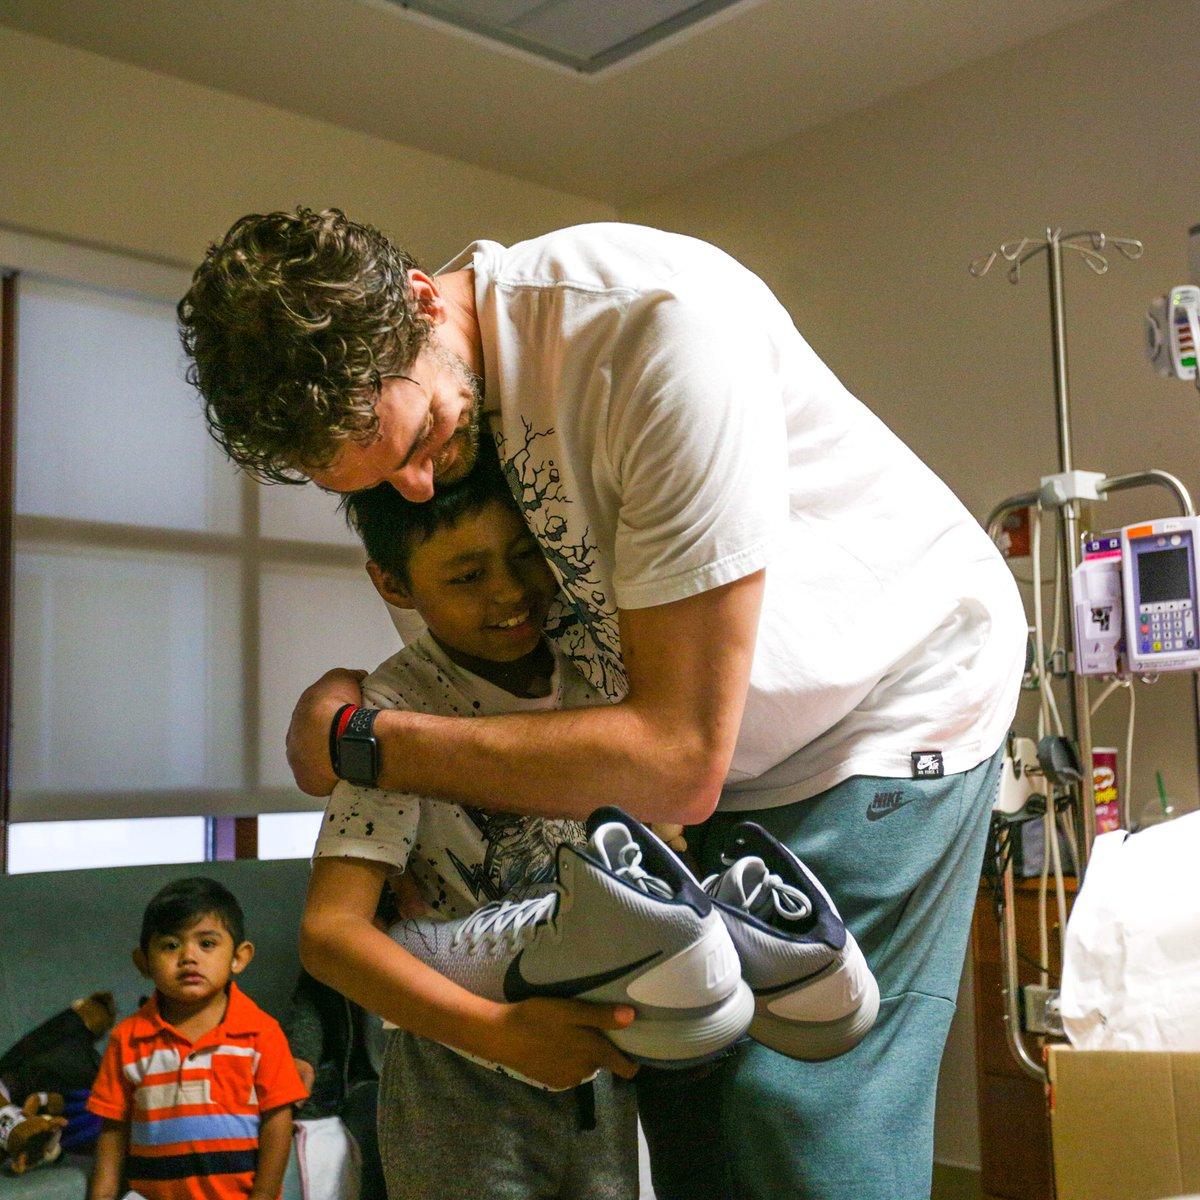 有爱!马刺官方展示加索尔探望儿童医院照片